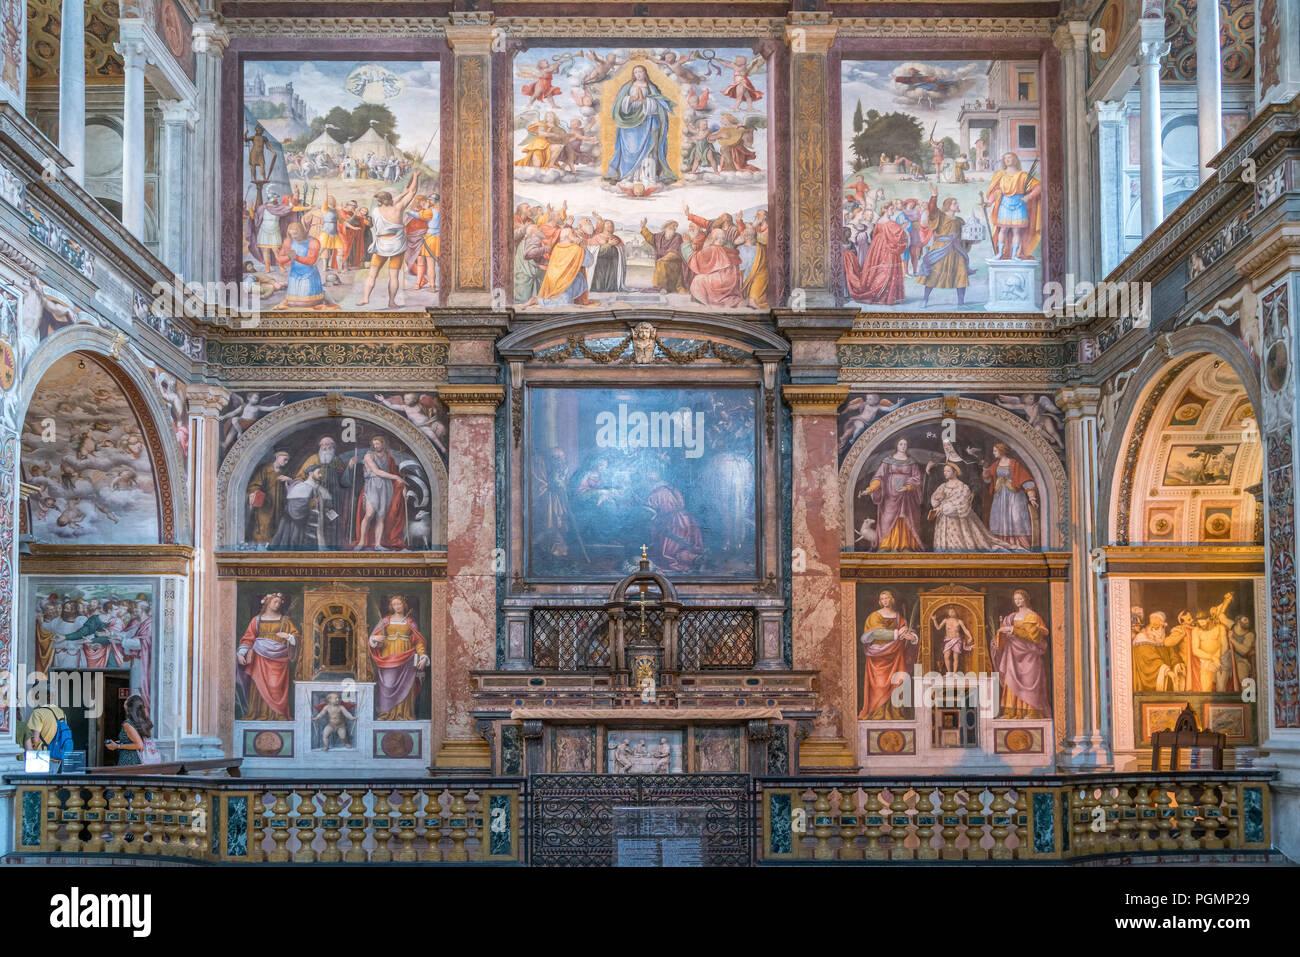 Innenraum der Klosterkirche San Maurizio al Monastero Maggiore, Mailand, Lombardei, Italien  | Church interior,  Saint Maurice al Monastero Maggiore,  - Stock Image